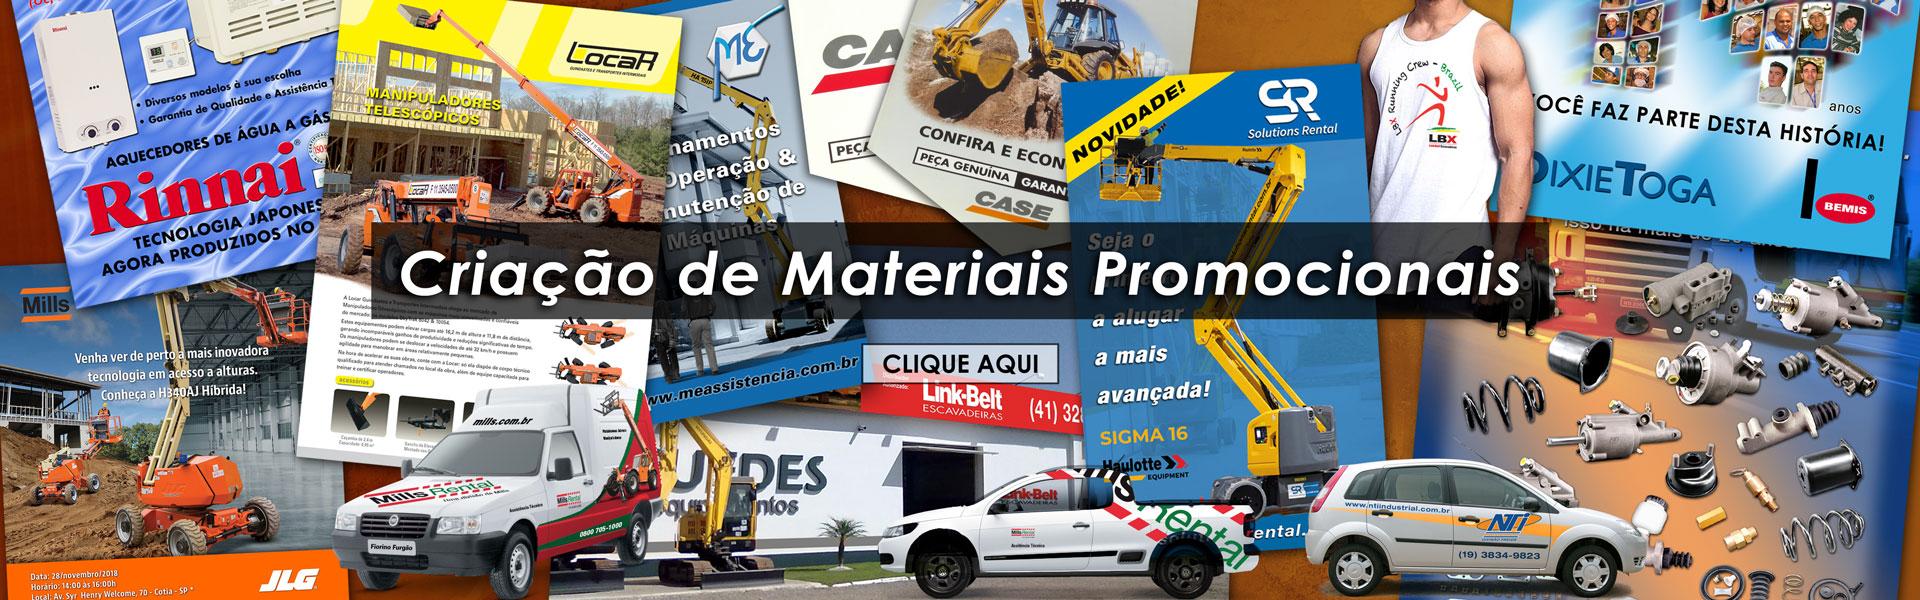 Design e Criação de Materiais Promocionais